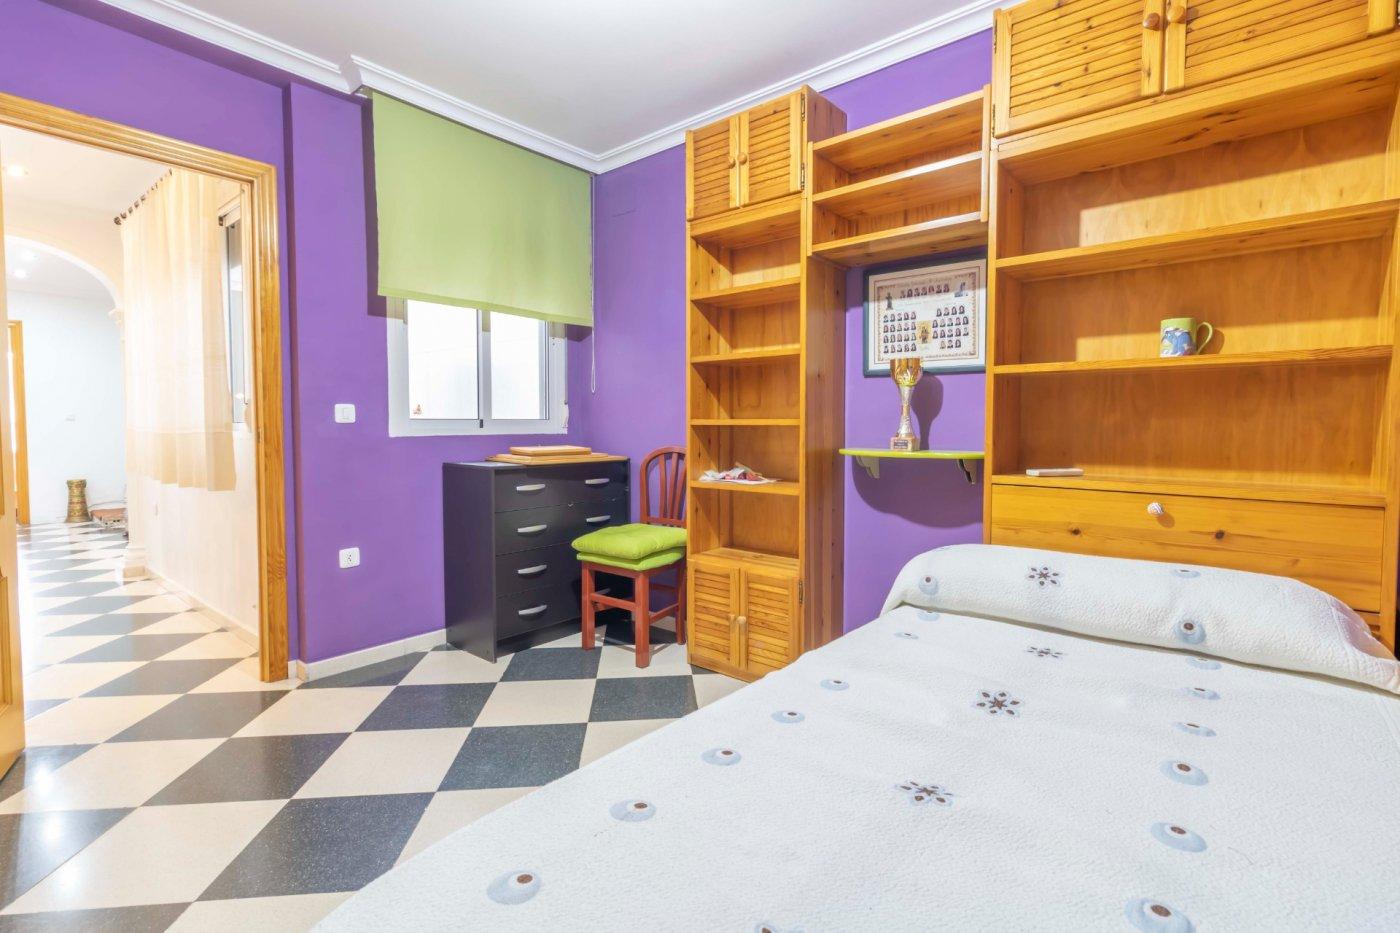 Casa a la venta en zona padre pÍo - imagenInmueble28